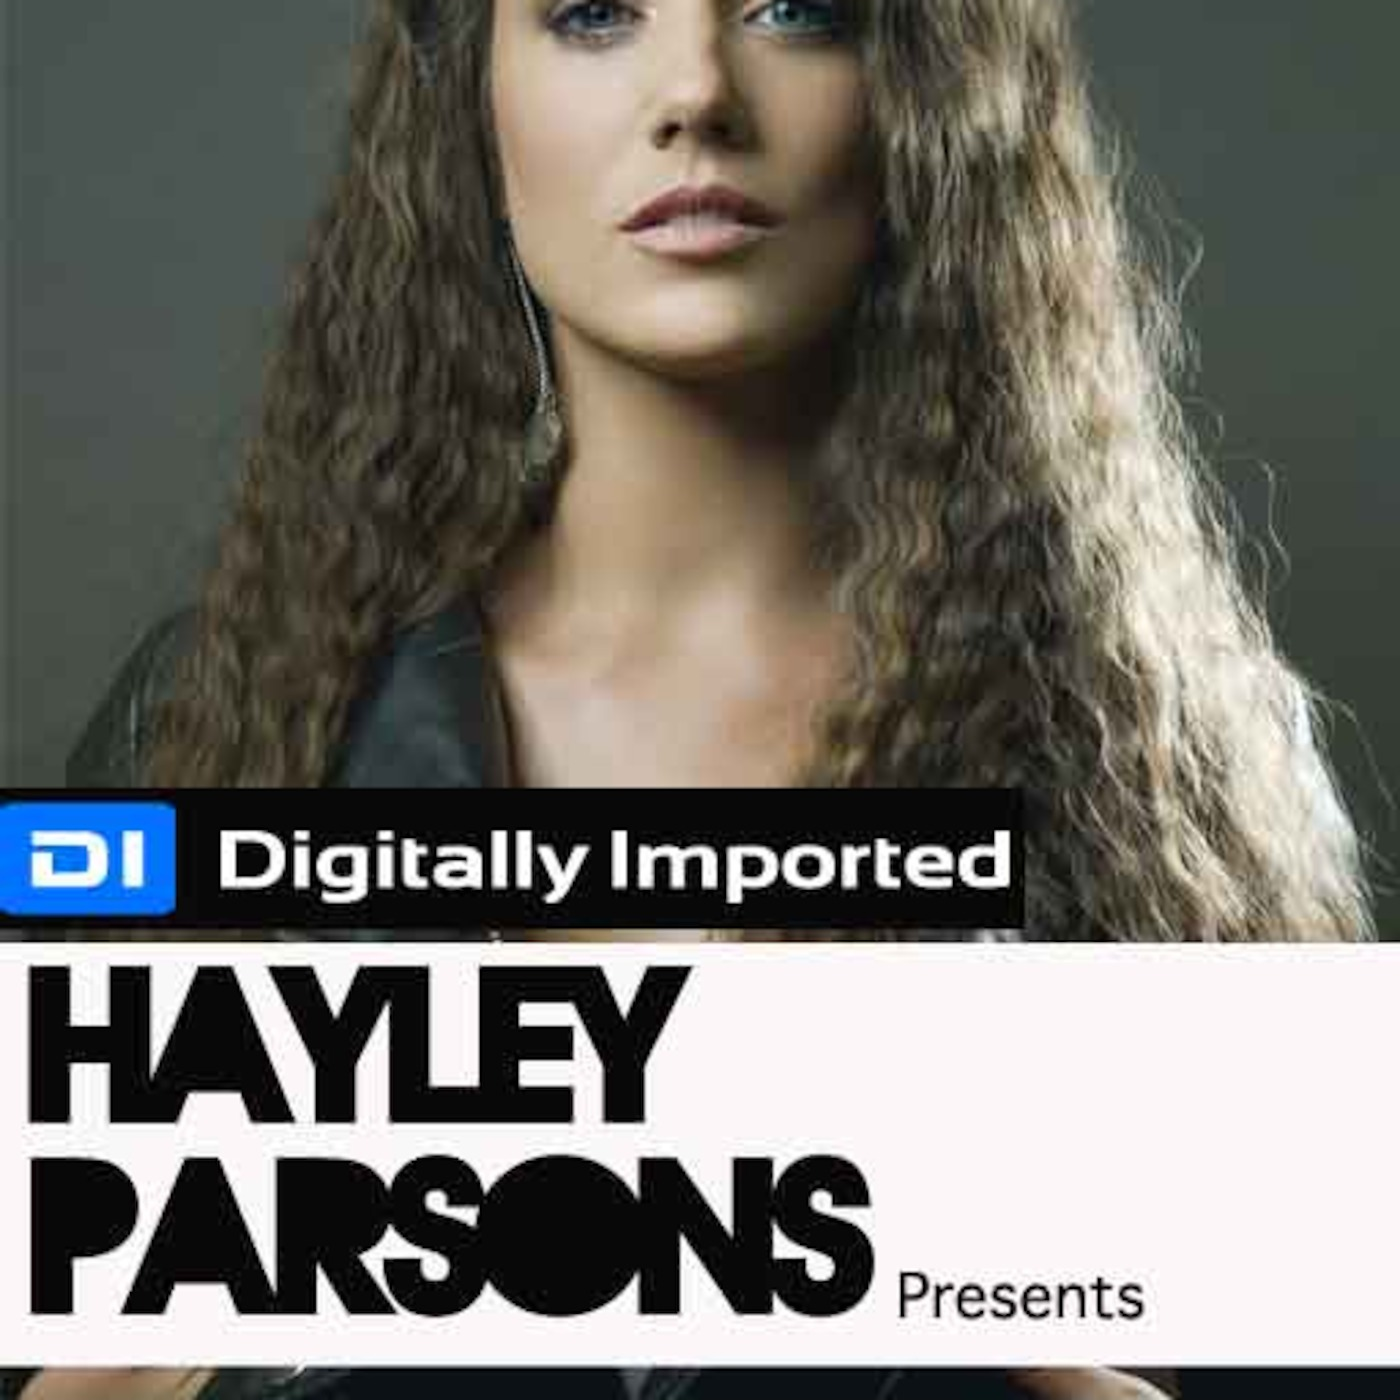 Hayley Parsons Present's Derailed